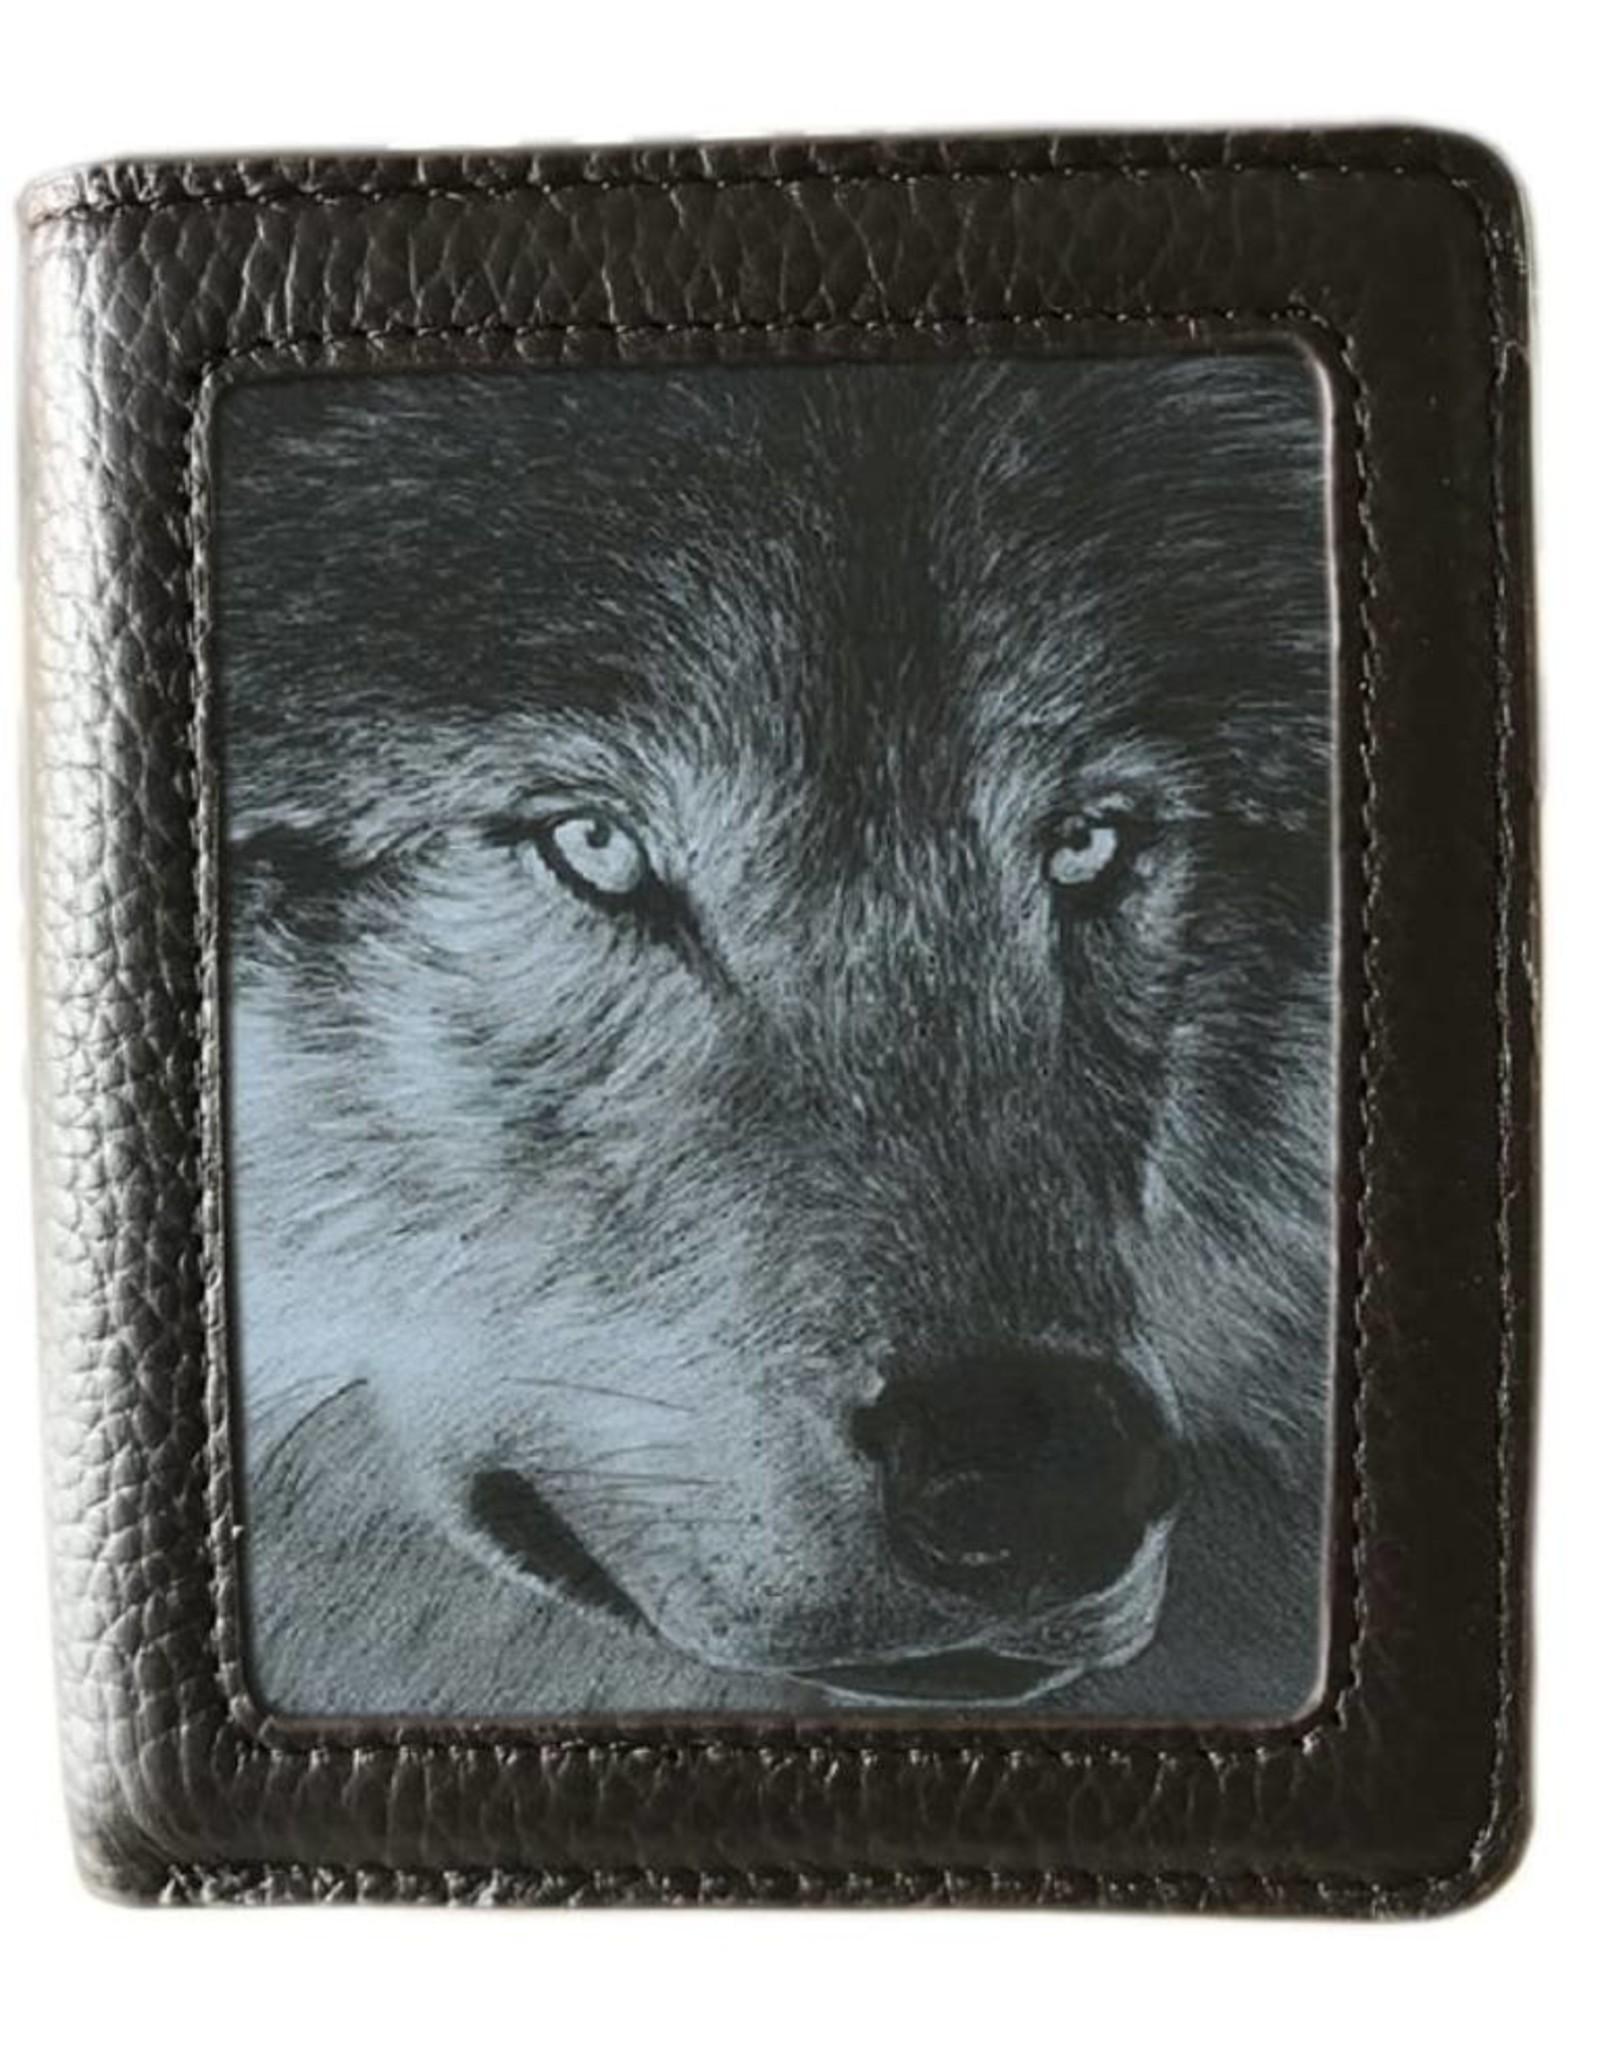 Caszmy Merchandise portemonnees - Caszmy Collection 3D  portemonnee Dark Wolf